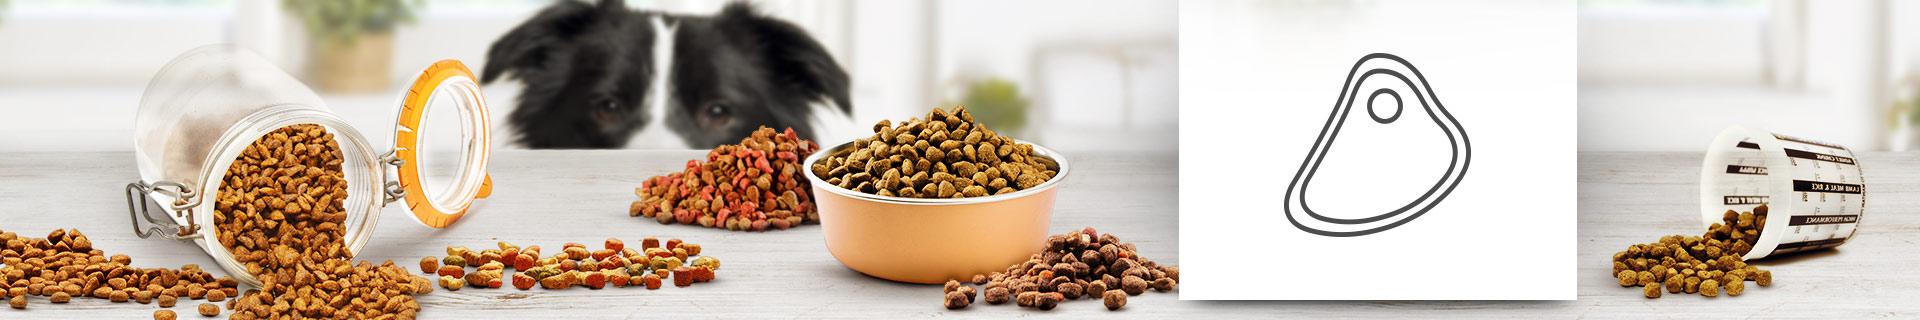 Trockenfutter mit hohem Fleischanteil für Hunde